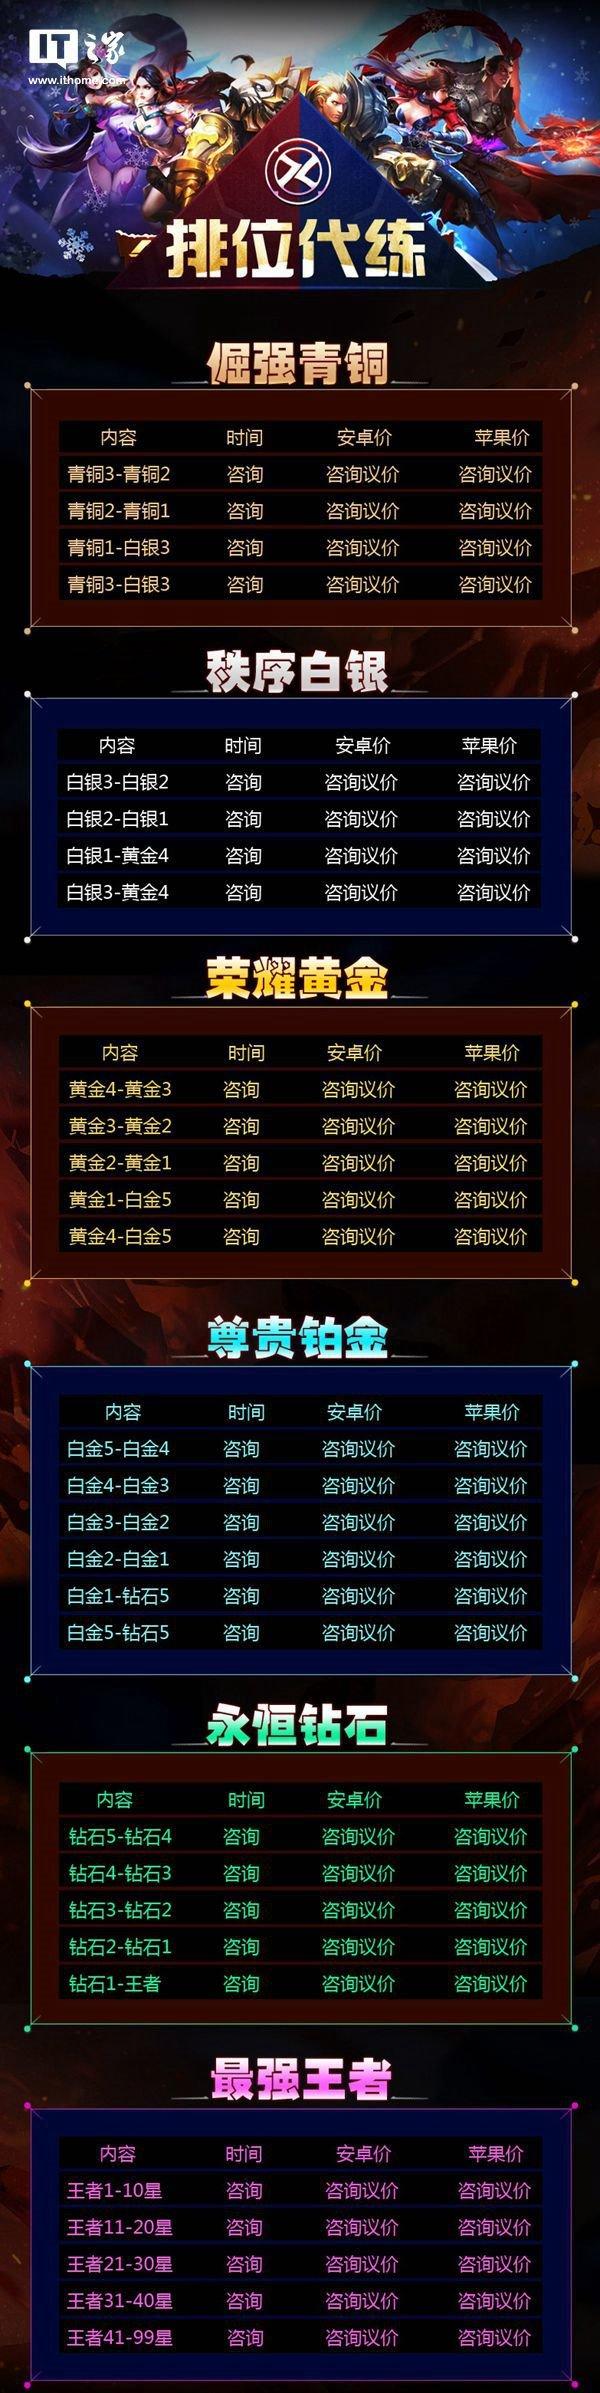 《王者荣耀》网上代练太火:天猫商家月销过万单